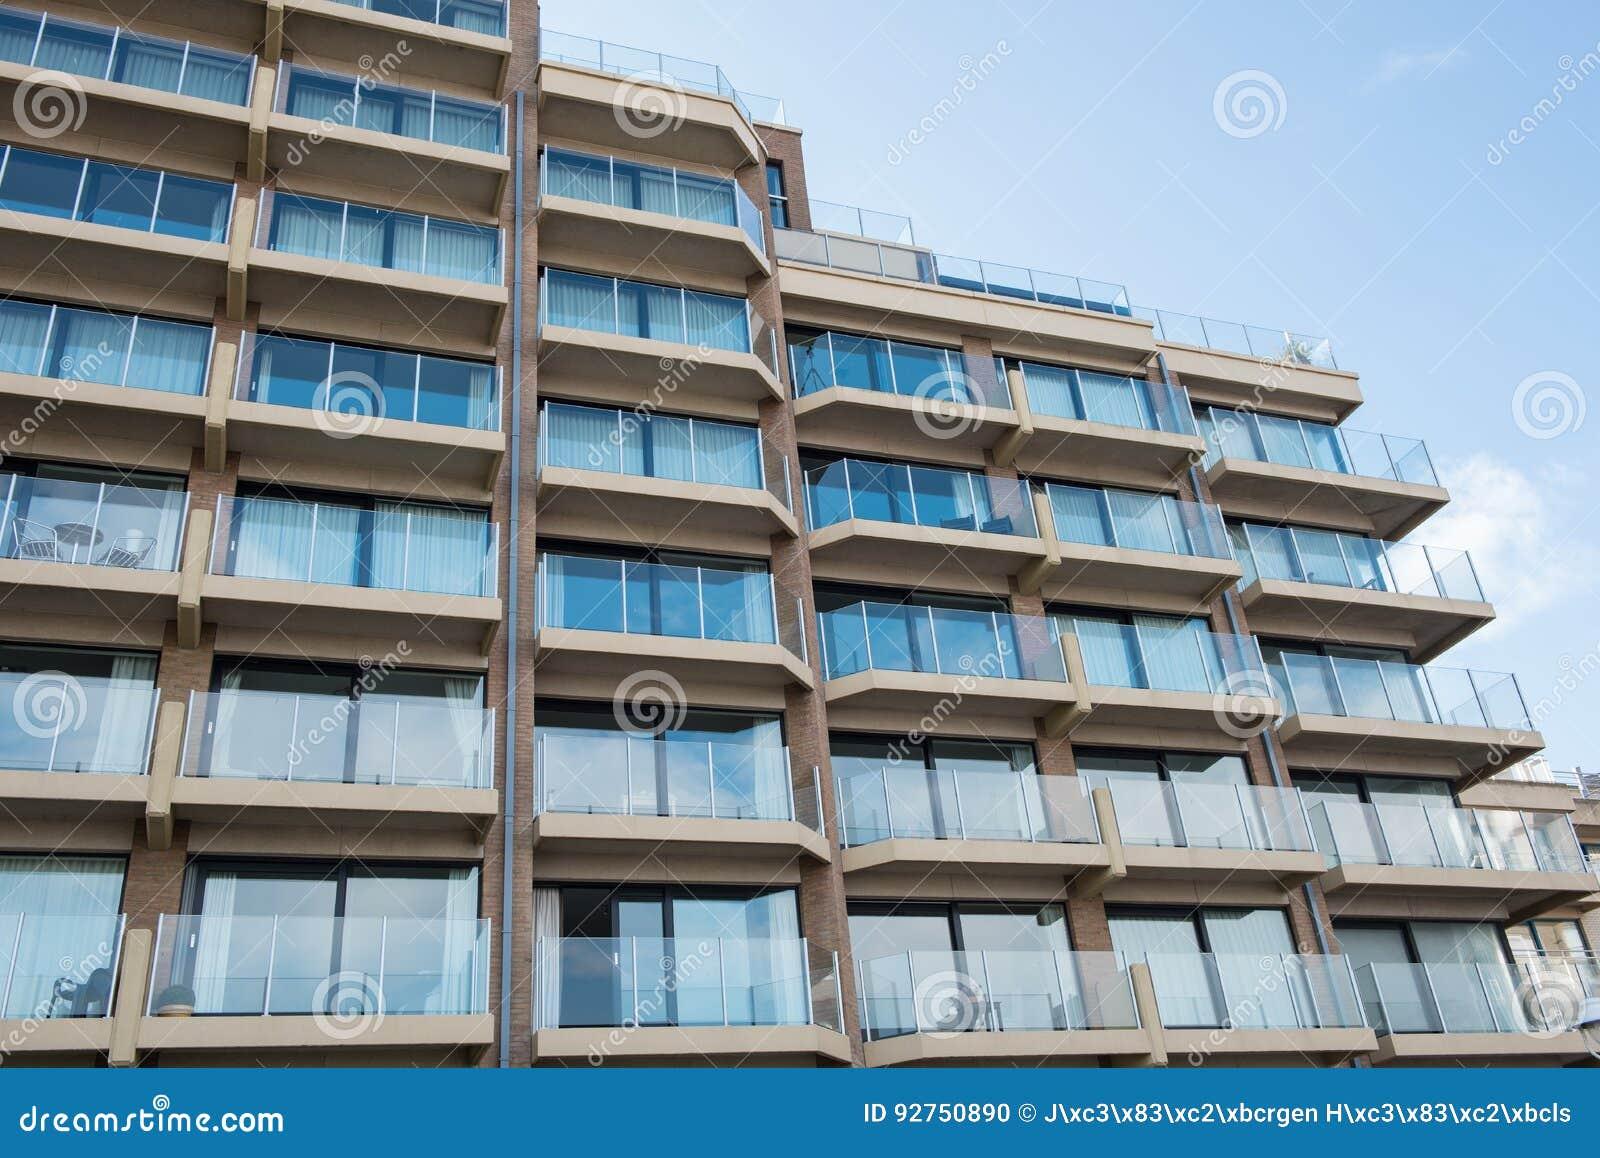 Architectuur - flatgebouwen in België, Vlaanderen in de rug